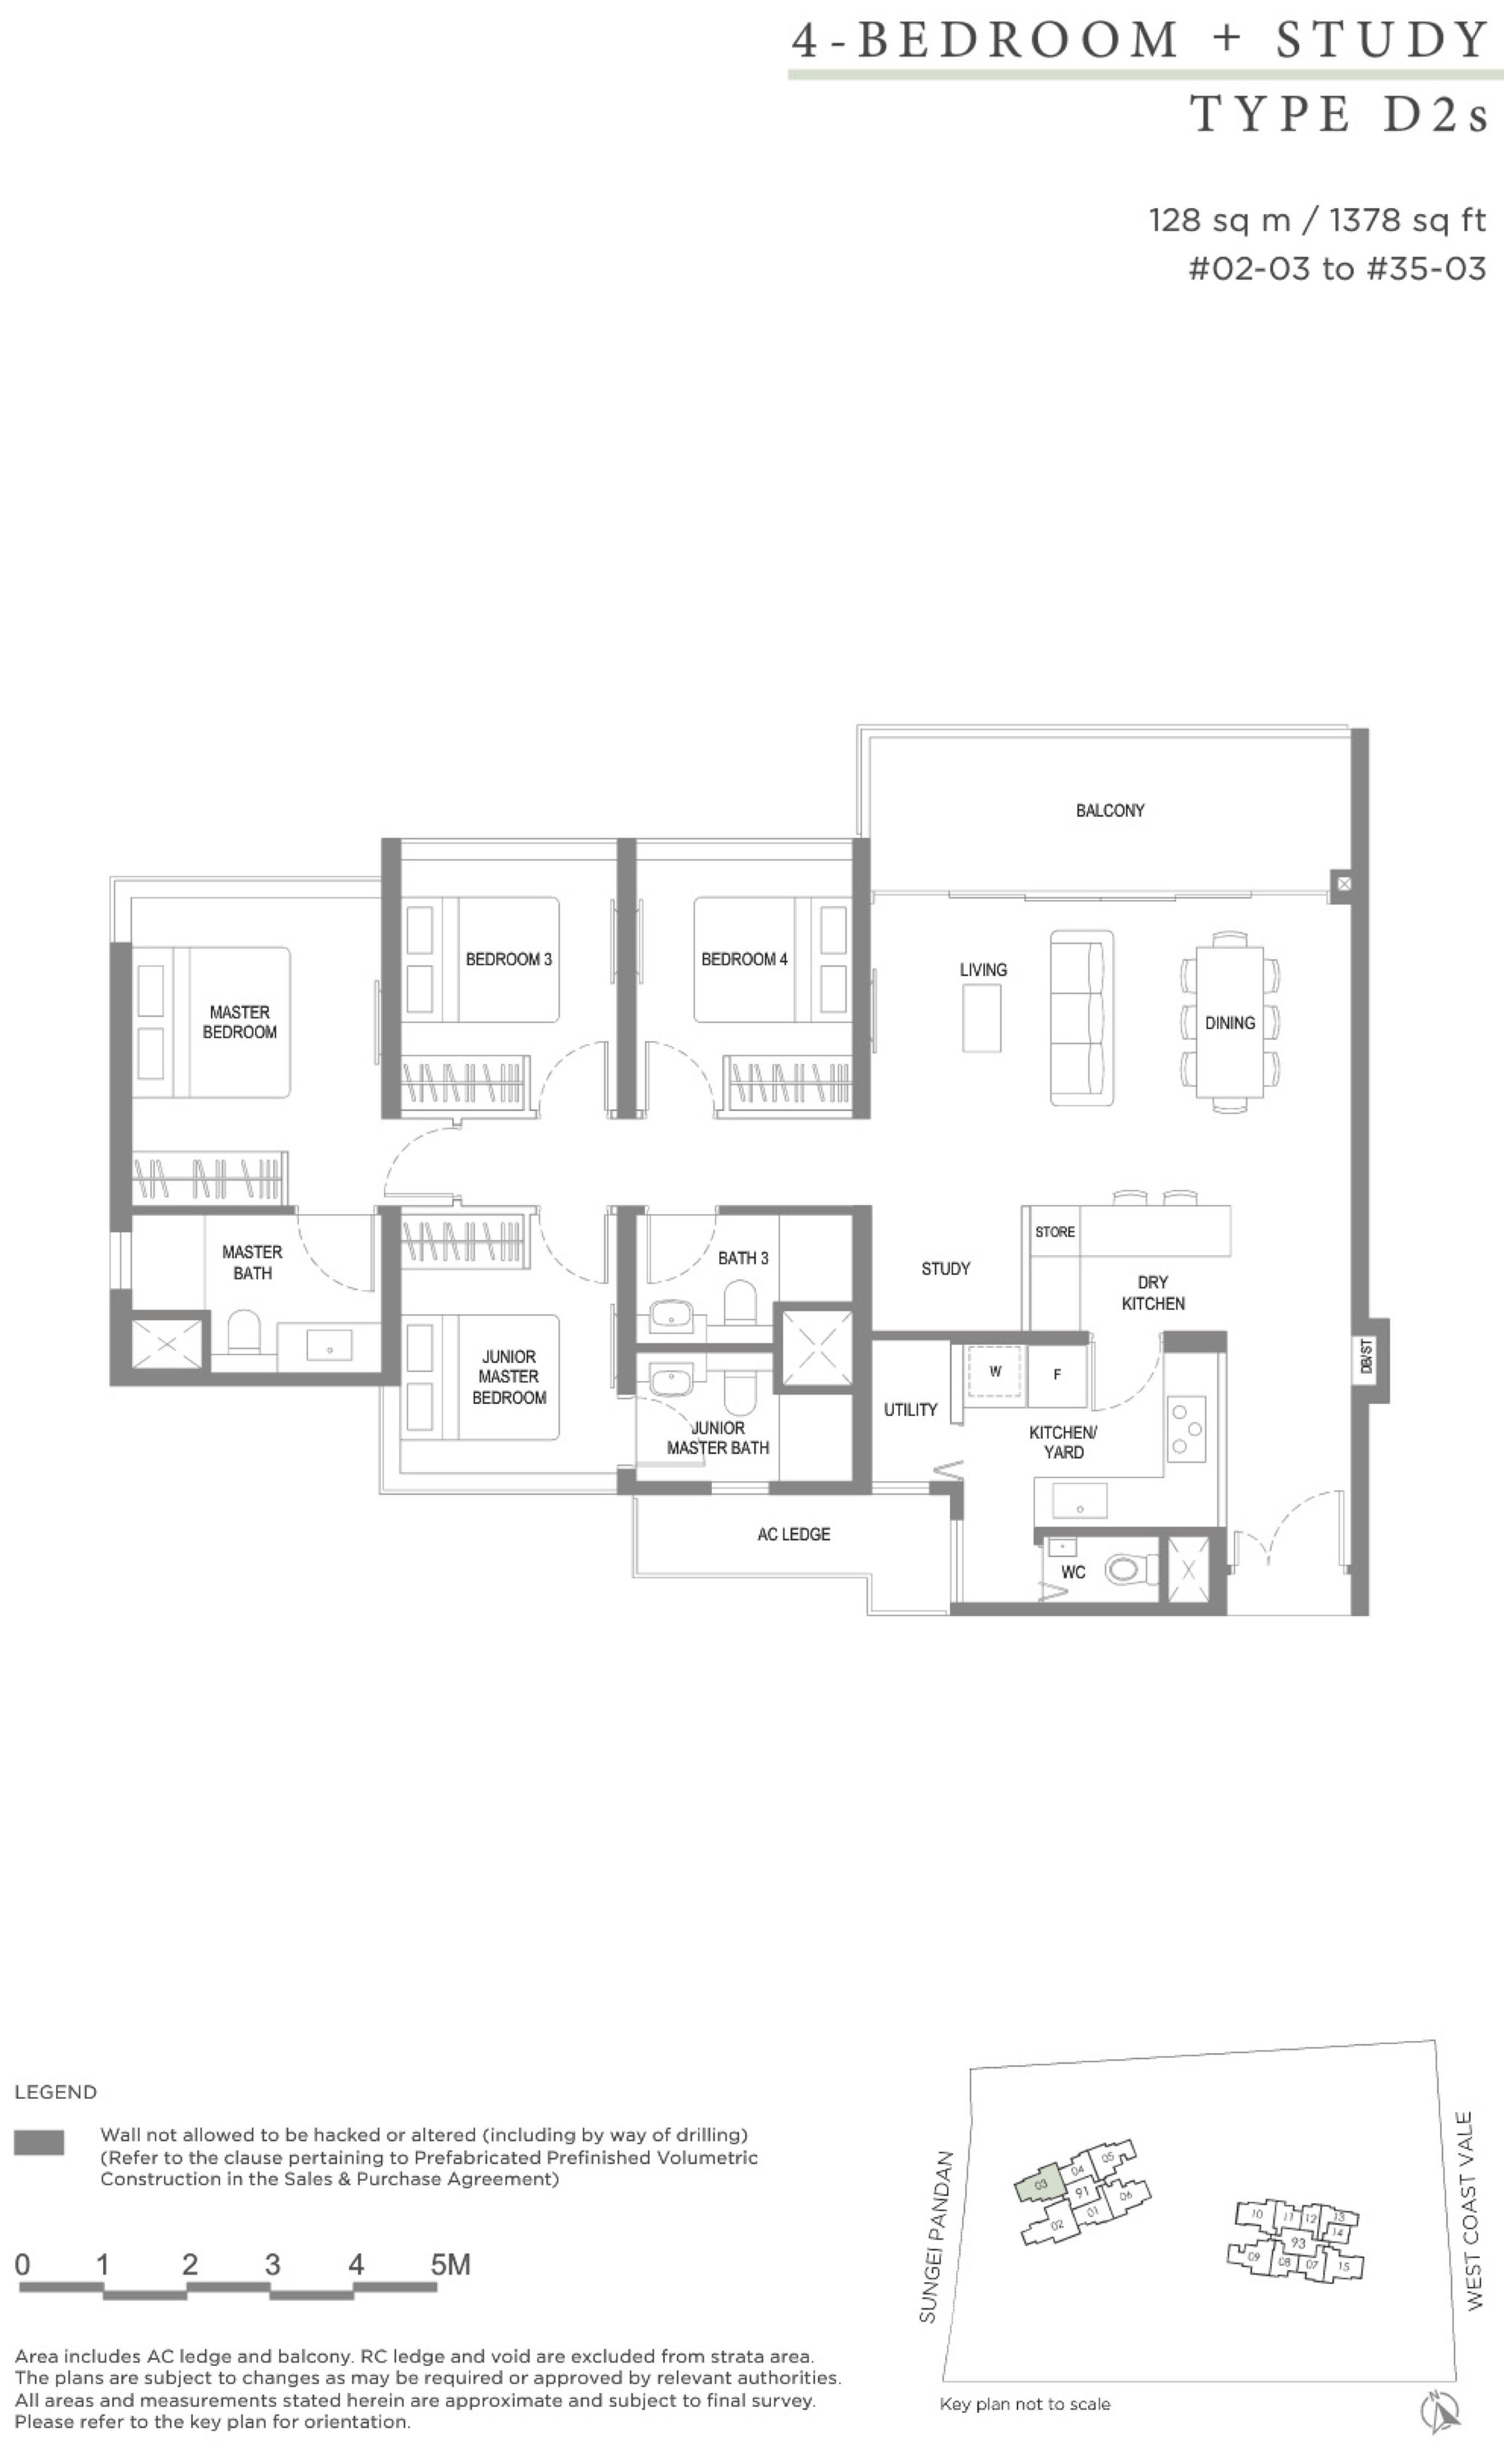 Twin VEW 4 bedroom study D2s floor plan